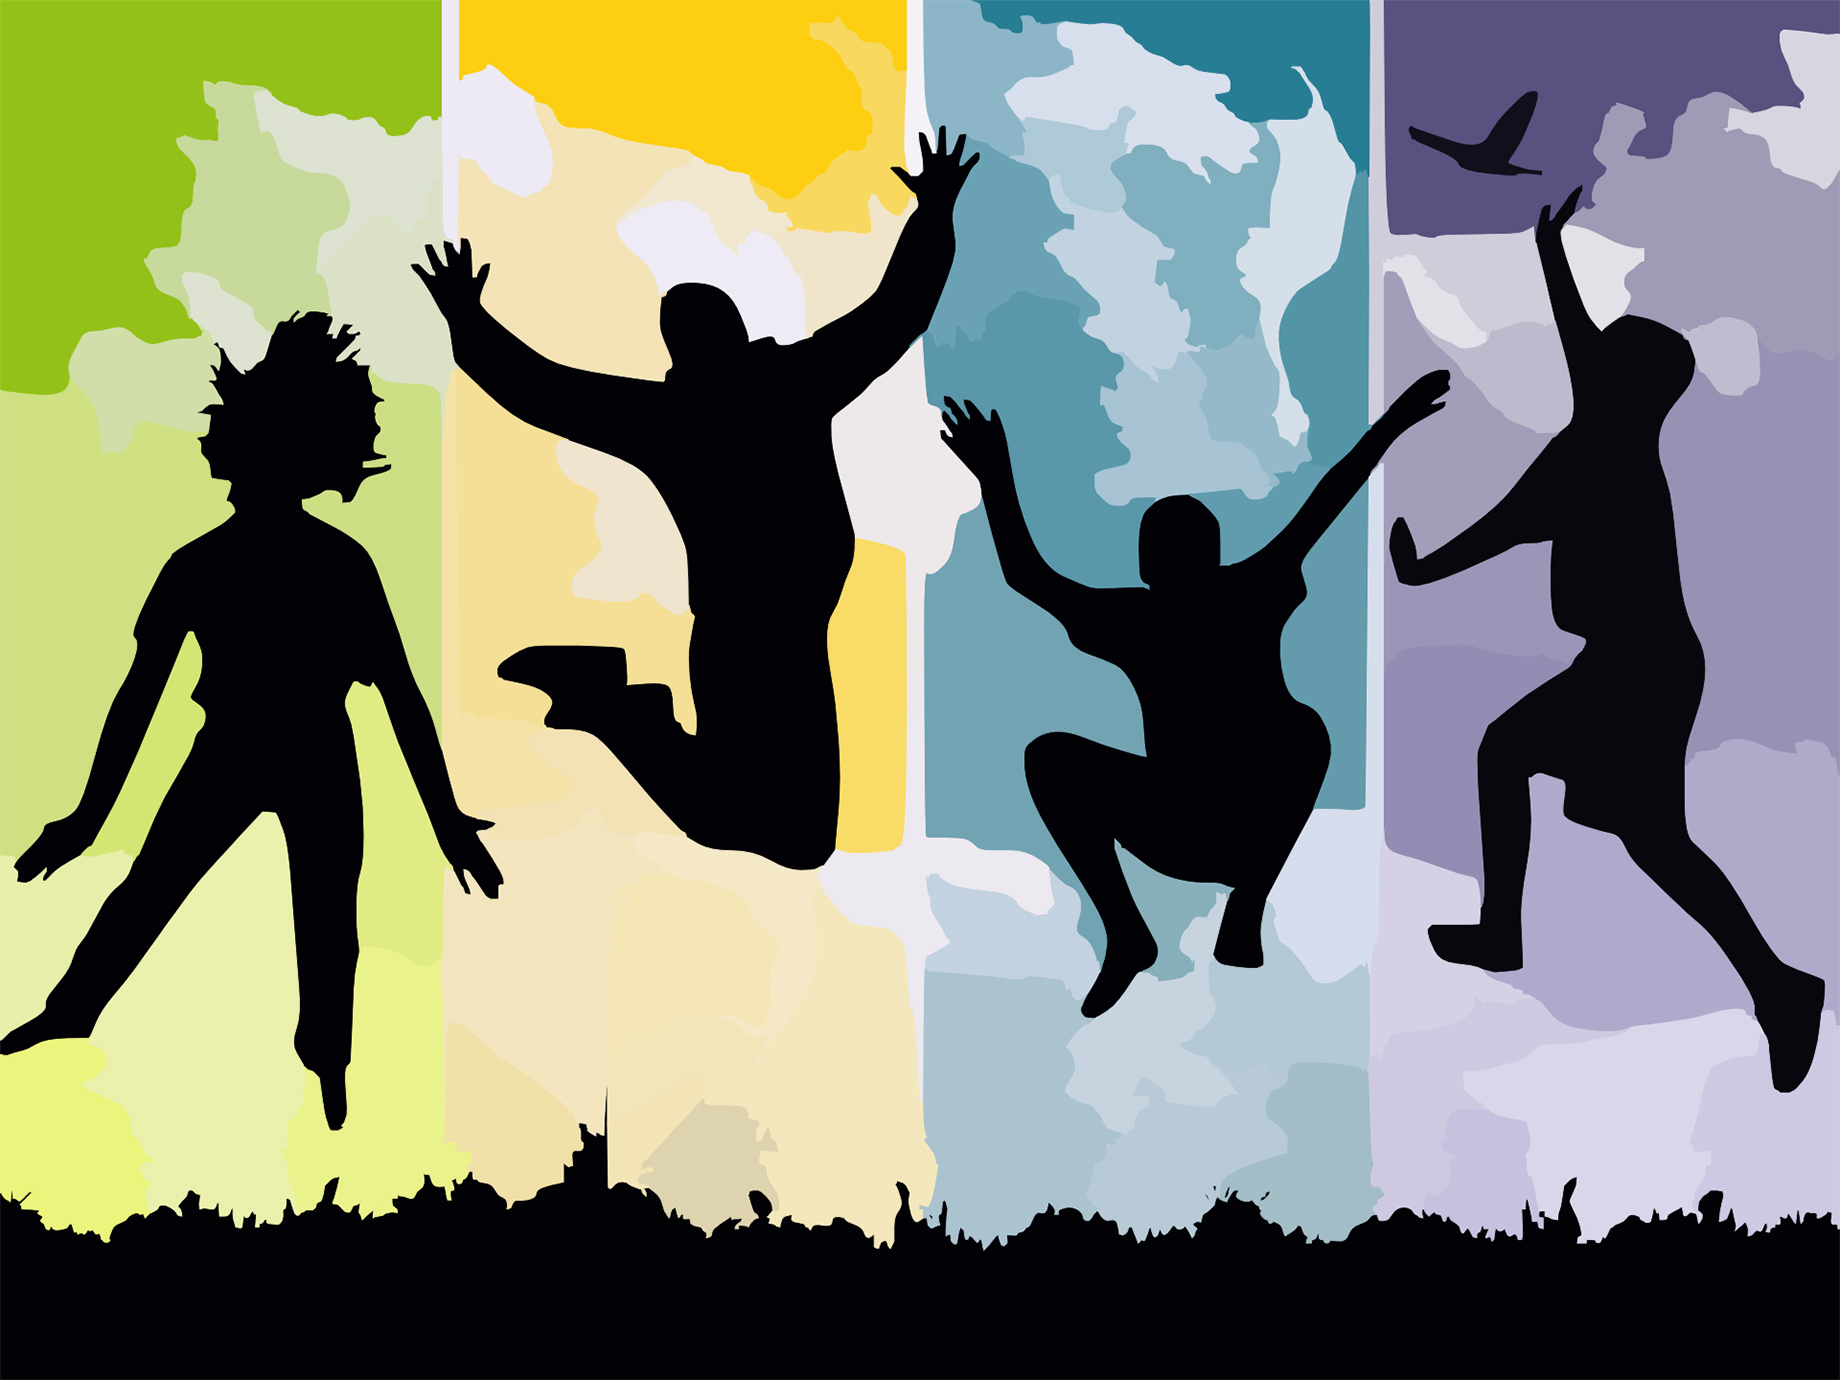 網路,是年輕人實踐自我的舞台》SmartM招募新夥伴:社群編輯(實習生)、影音助理(工讀生)